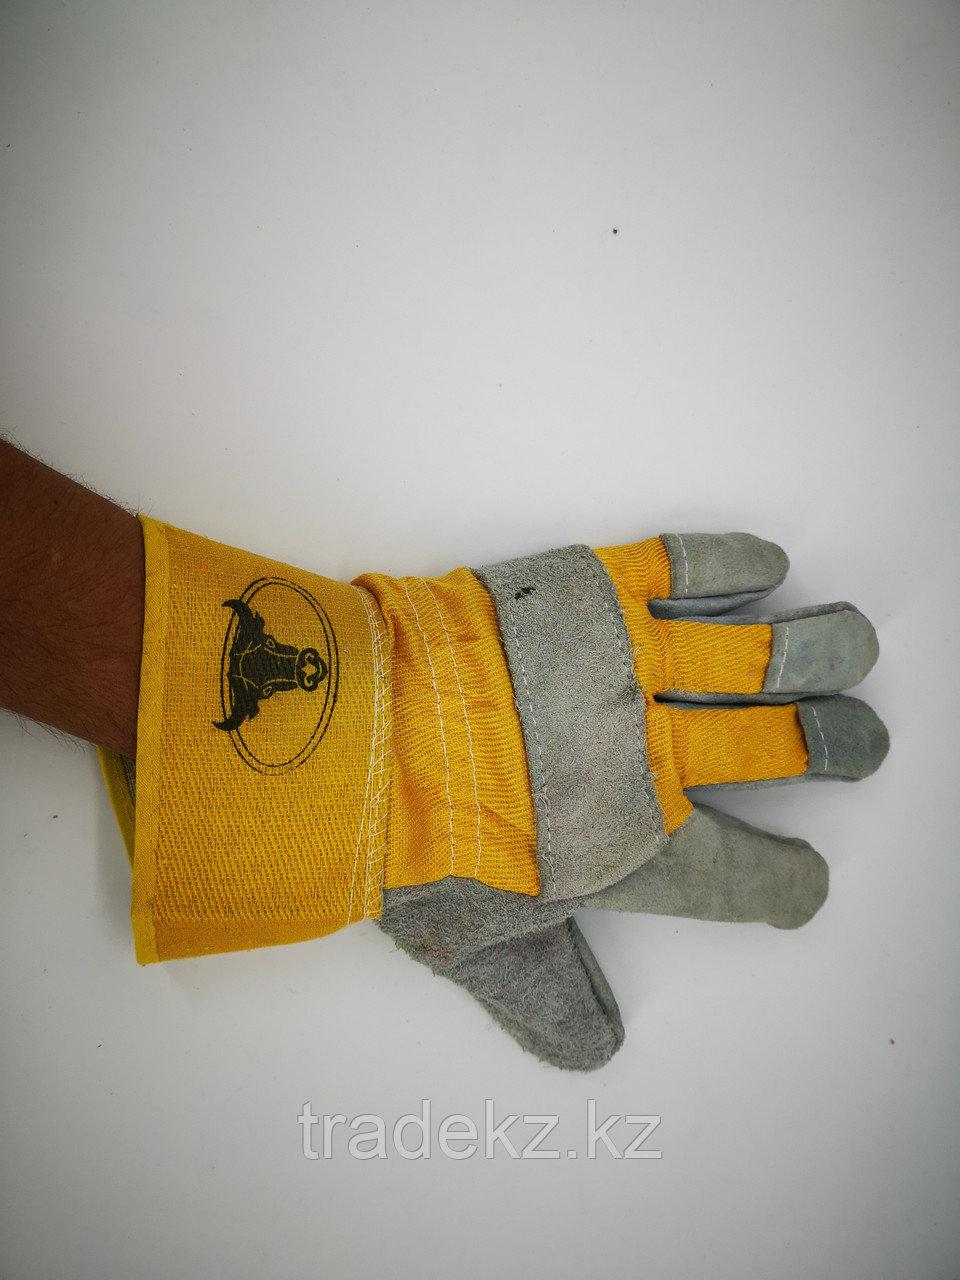 Перчатки спилковые комбинированные. средства индивидуальной защиты